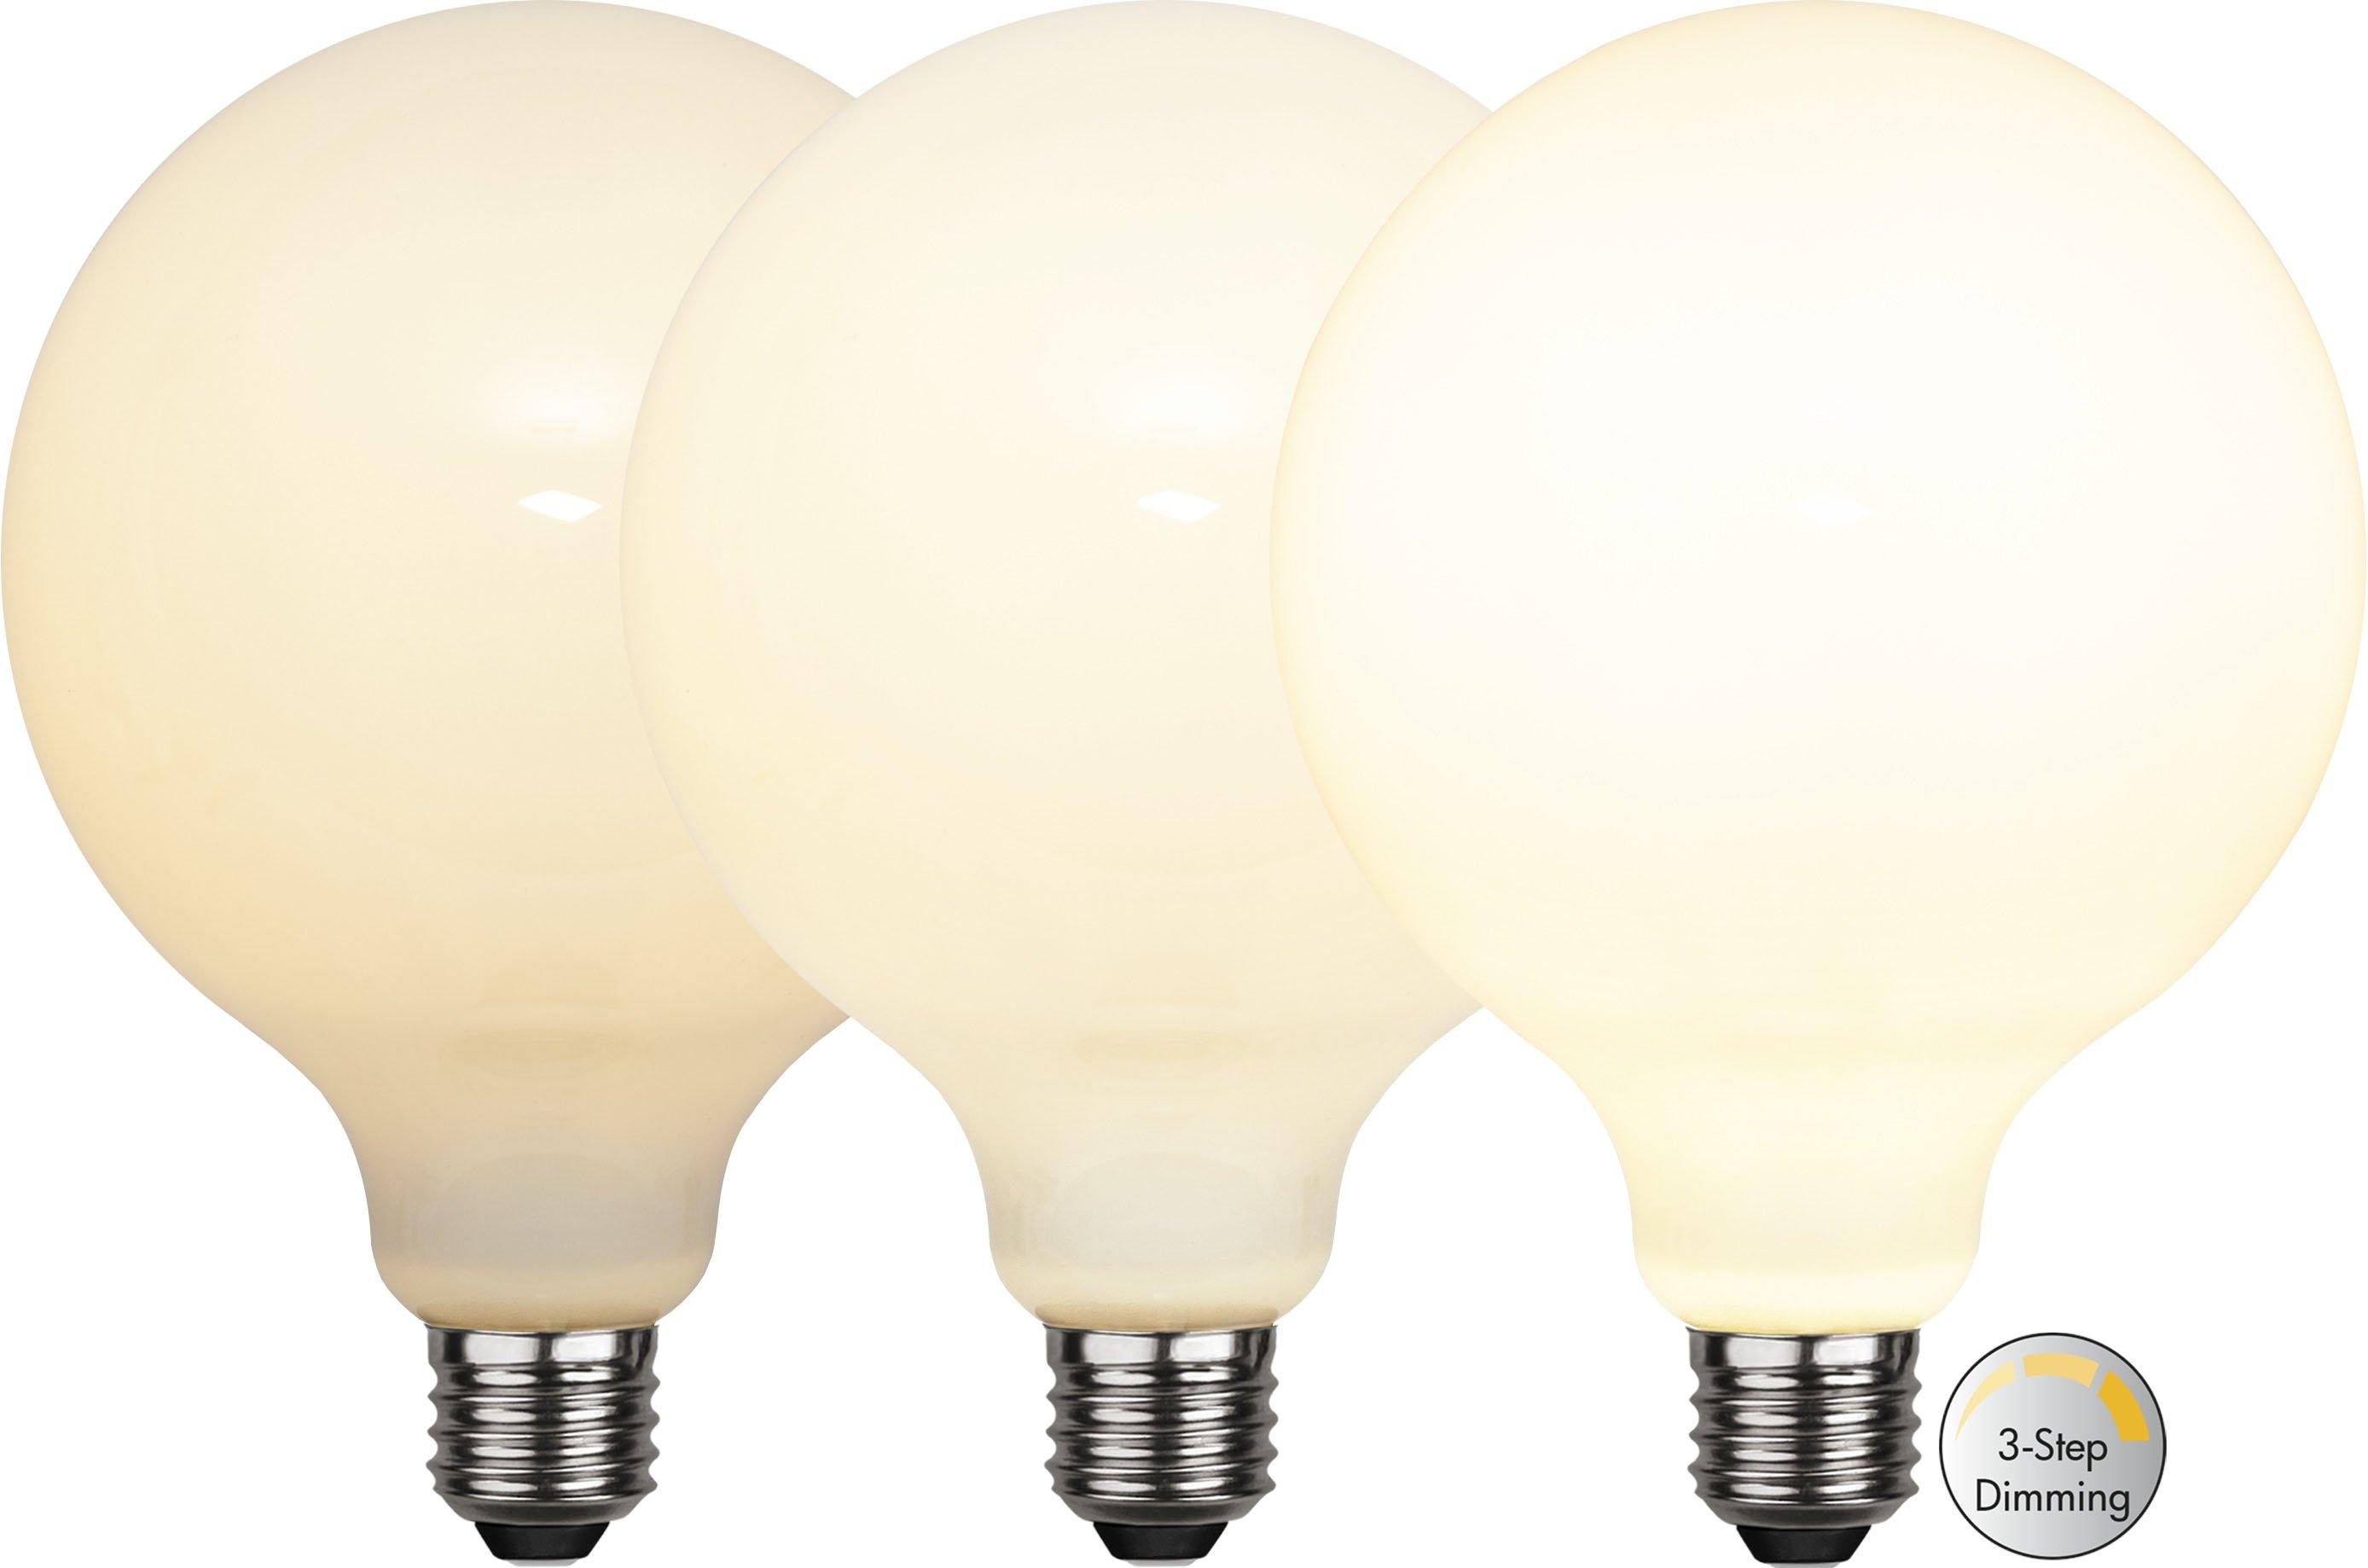 STAR TRADING ledverlichting Opaak filament RA90 3-step in de webshop van OTTO kopen